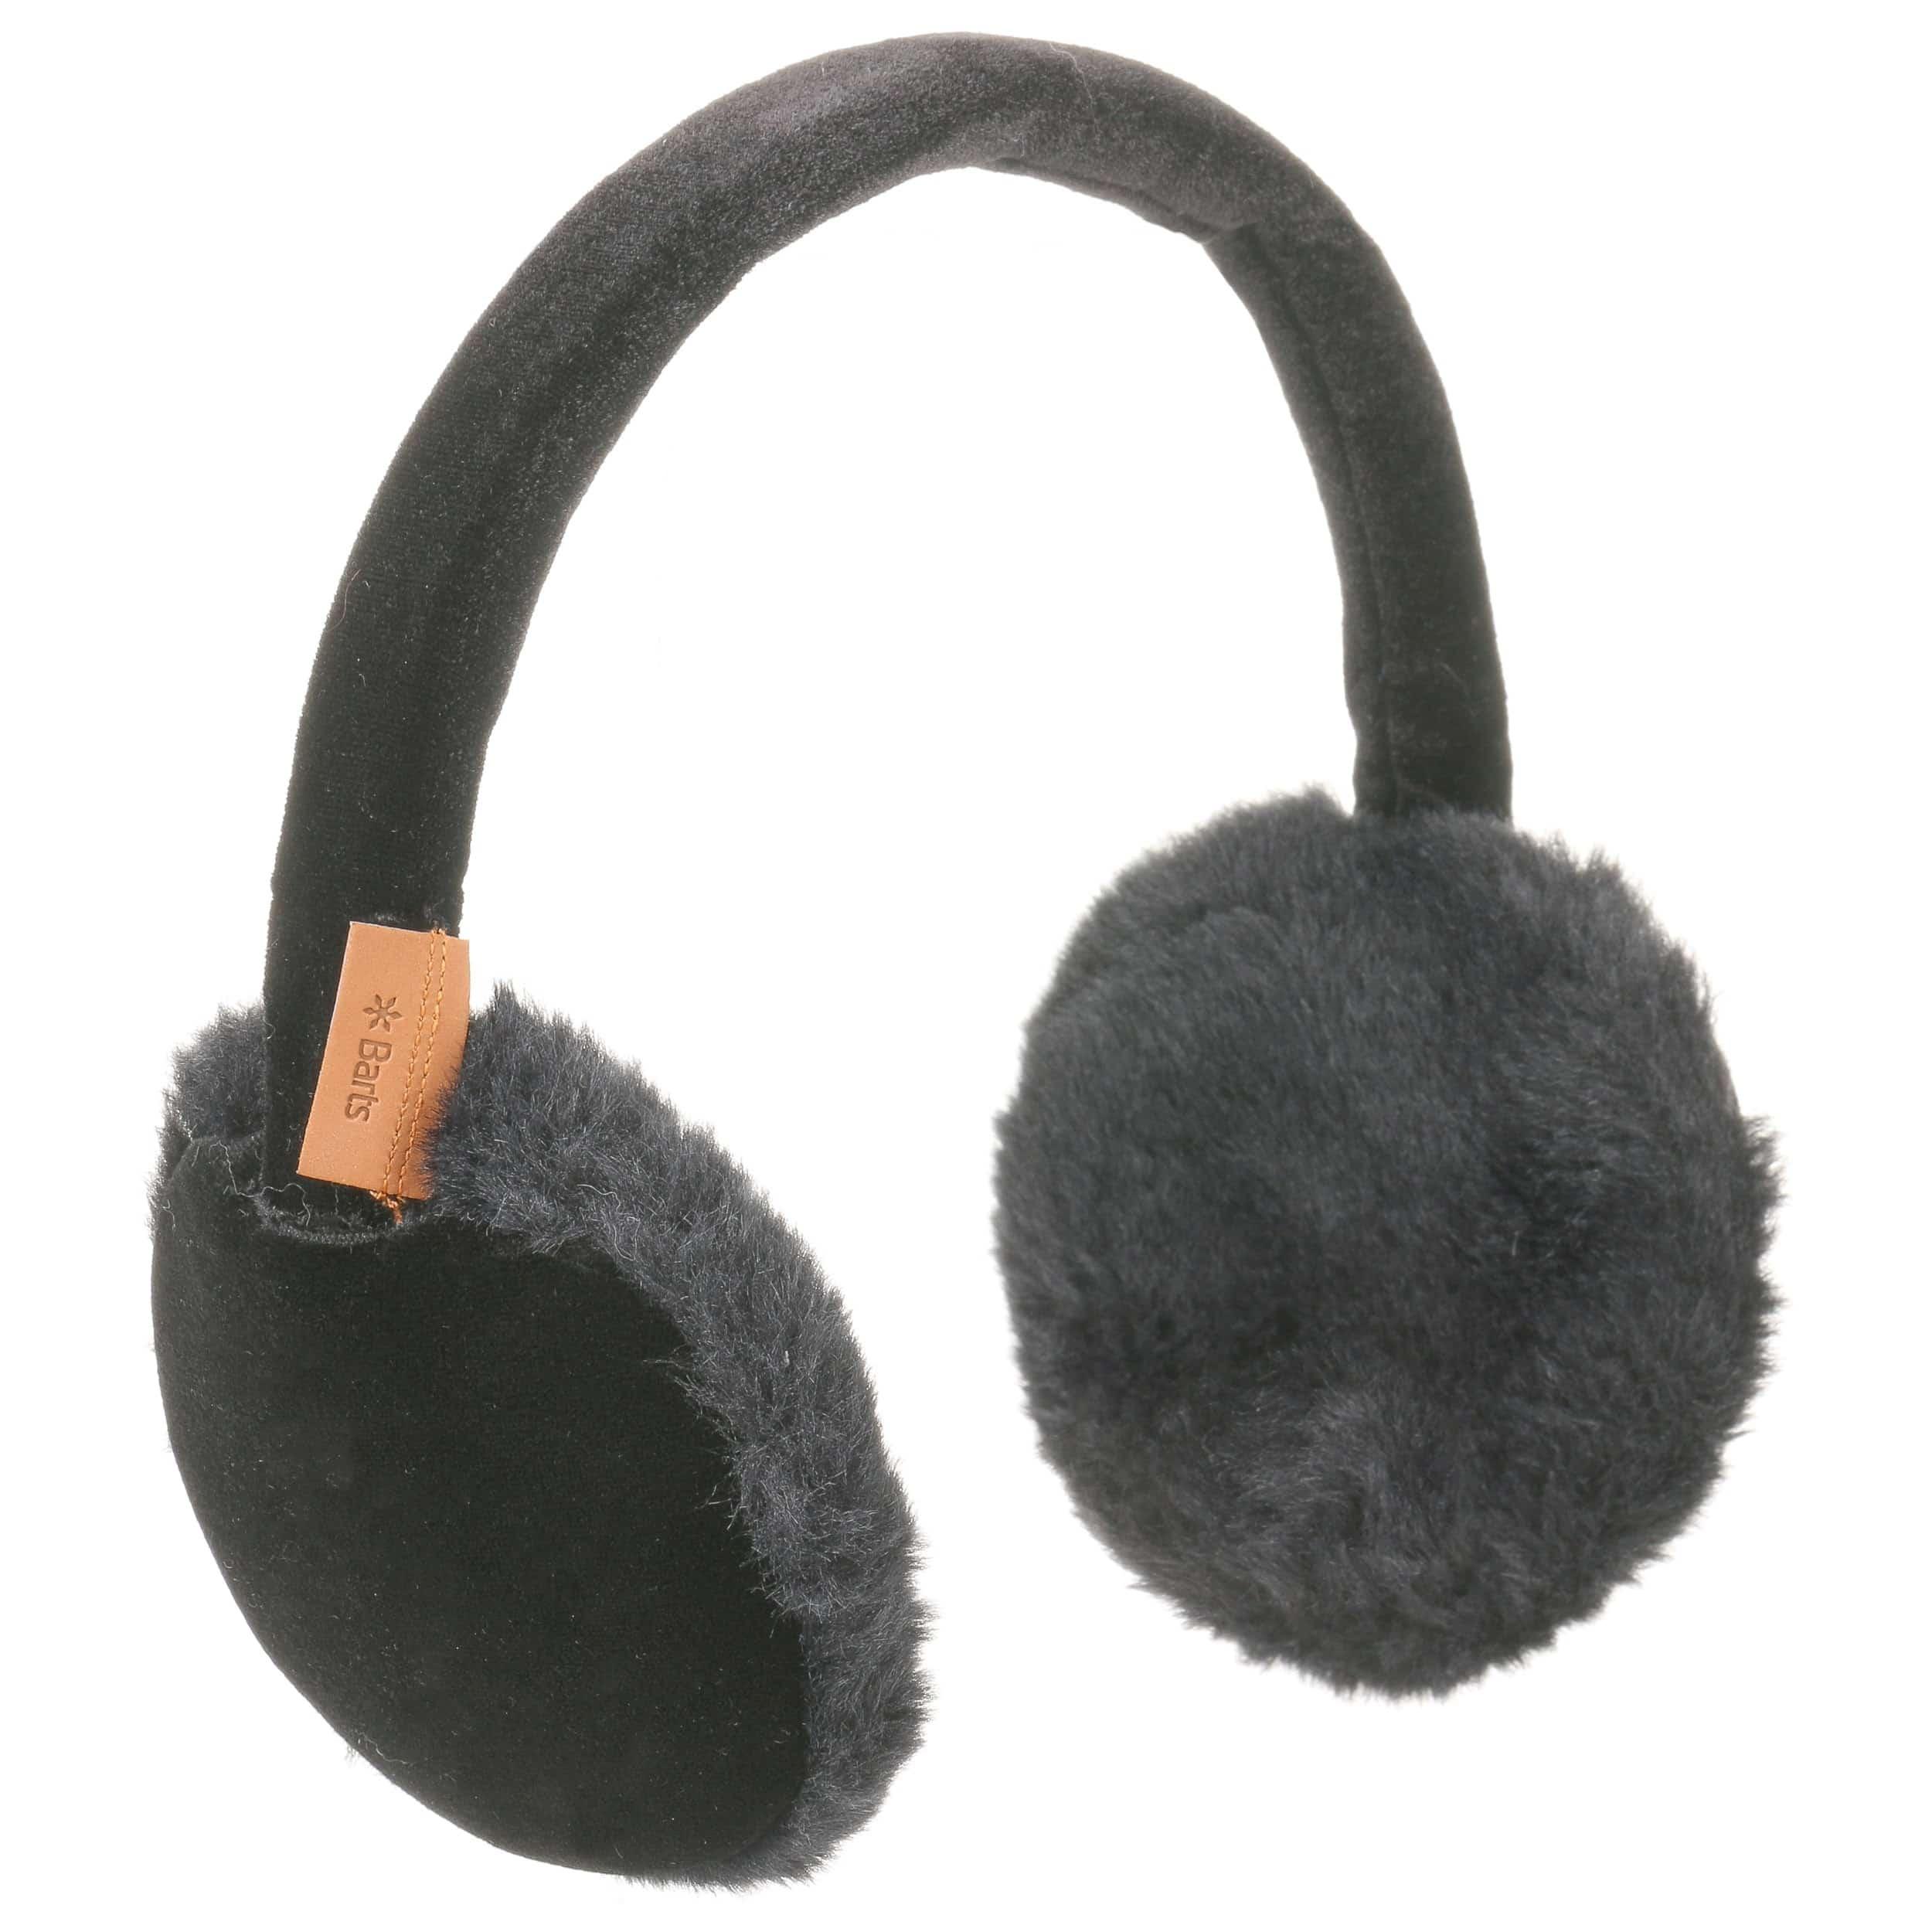 Barts Basic Earmuffs